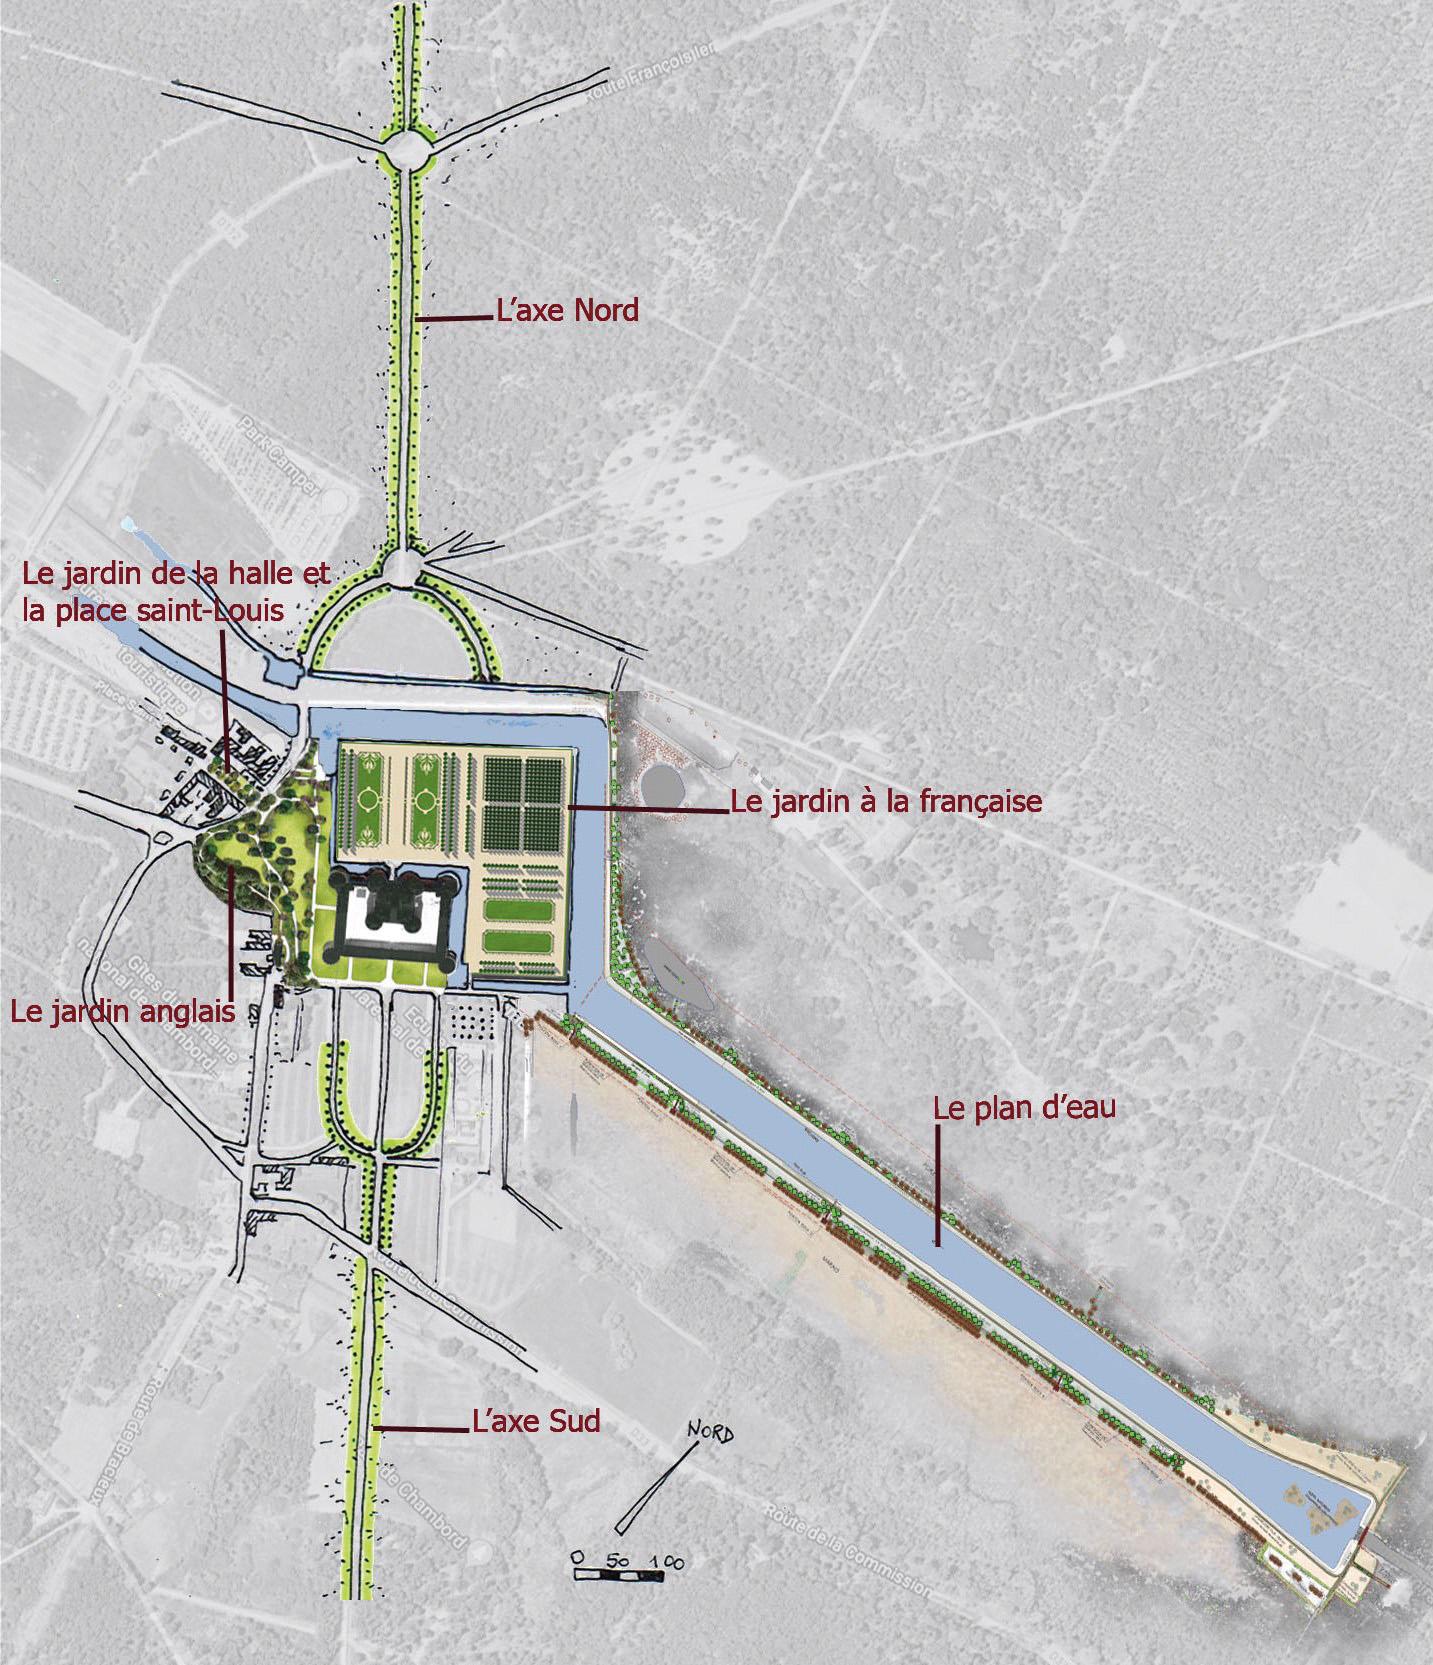 Le plan masse permet de situer le domaine : à gauche, la ville, puis le jardin anglais et, enfin, le château et le jardin à la française - © D.R.